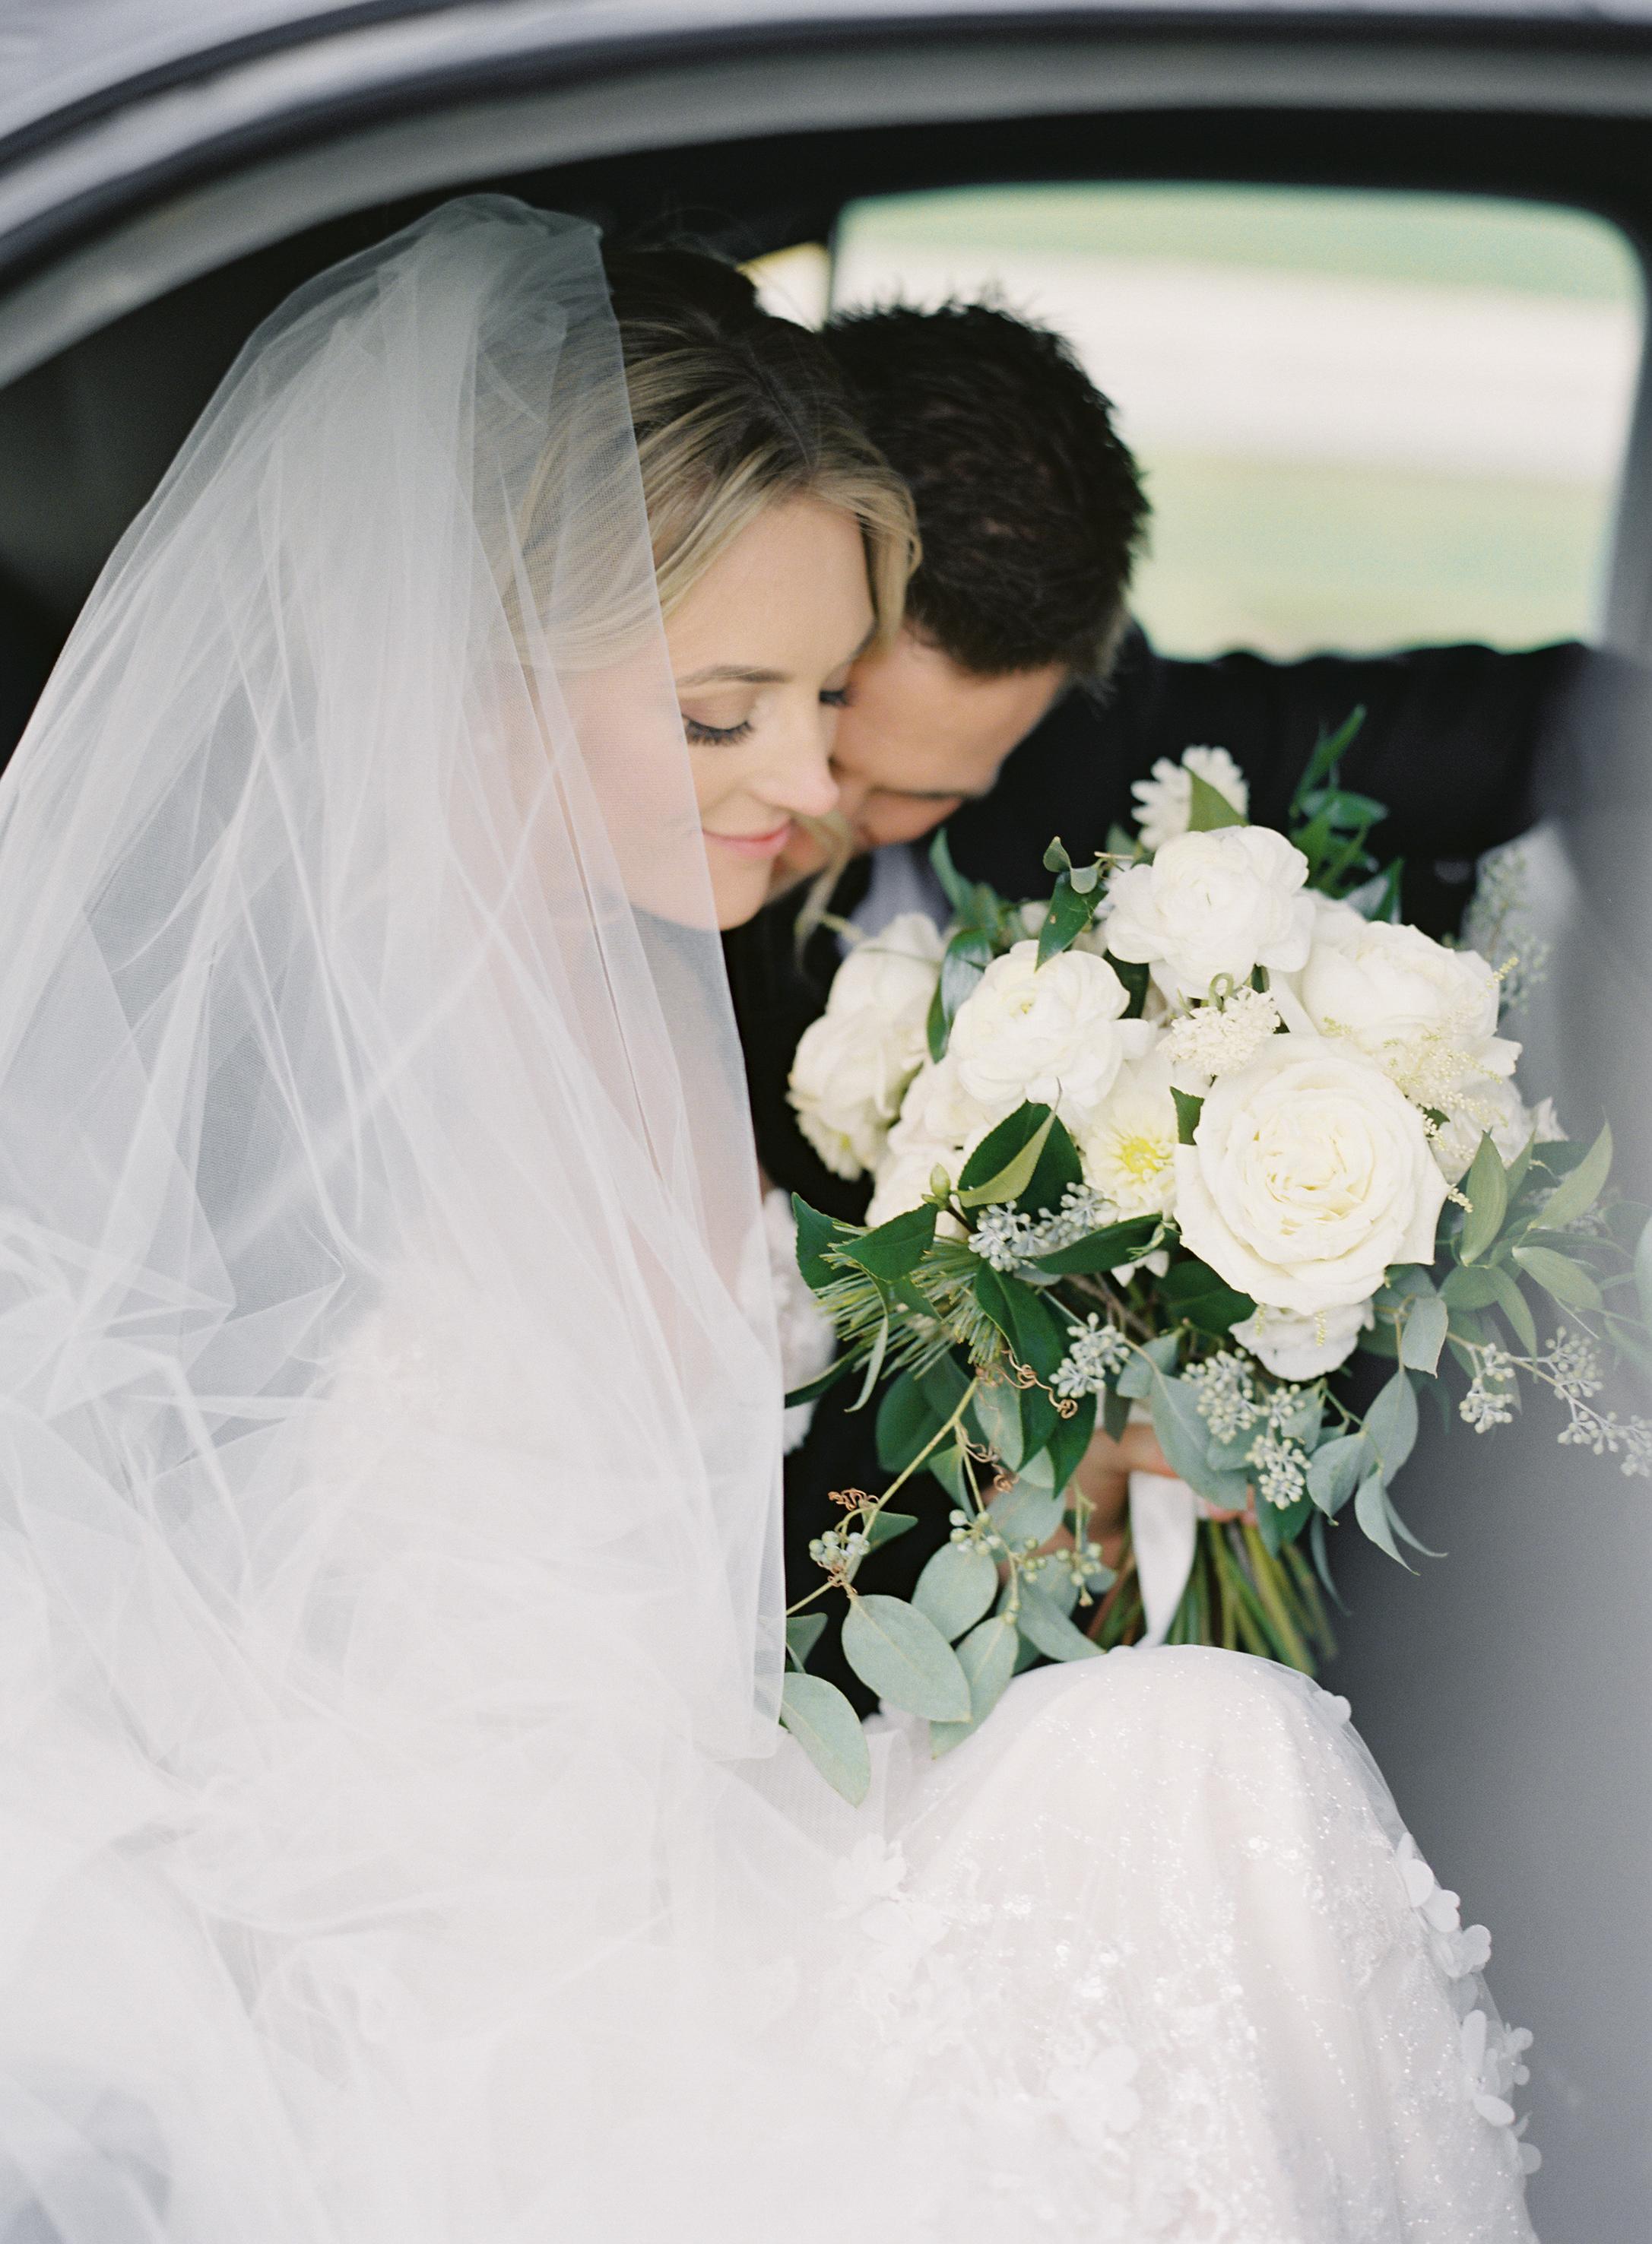 Sarah and John Wedding-Carrie King Photographer-28.jpg